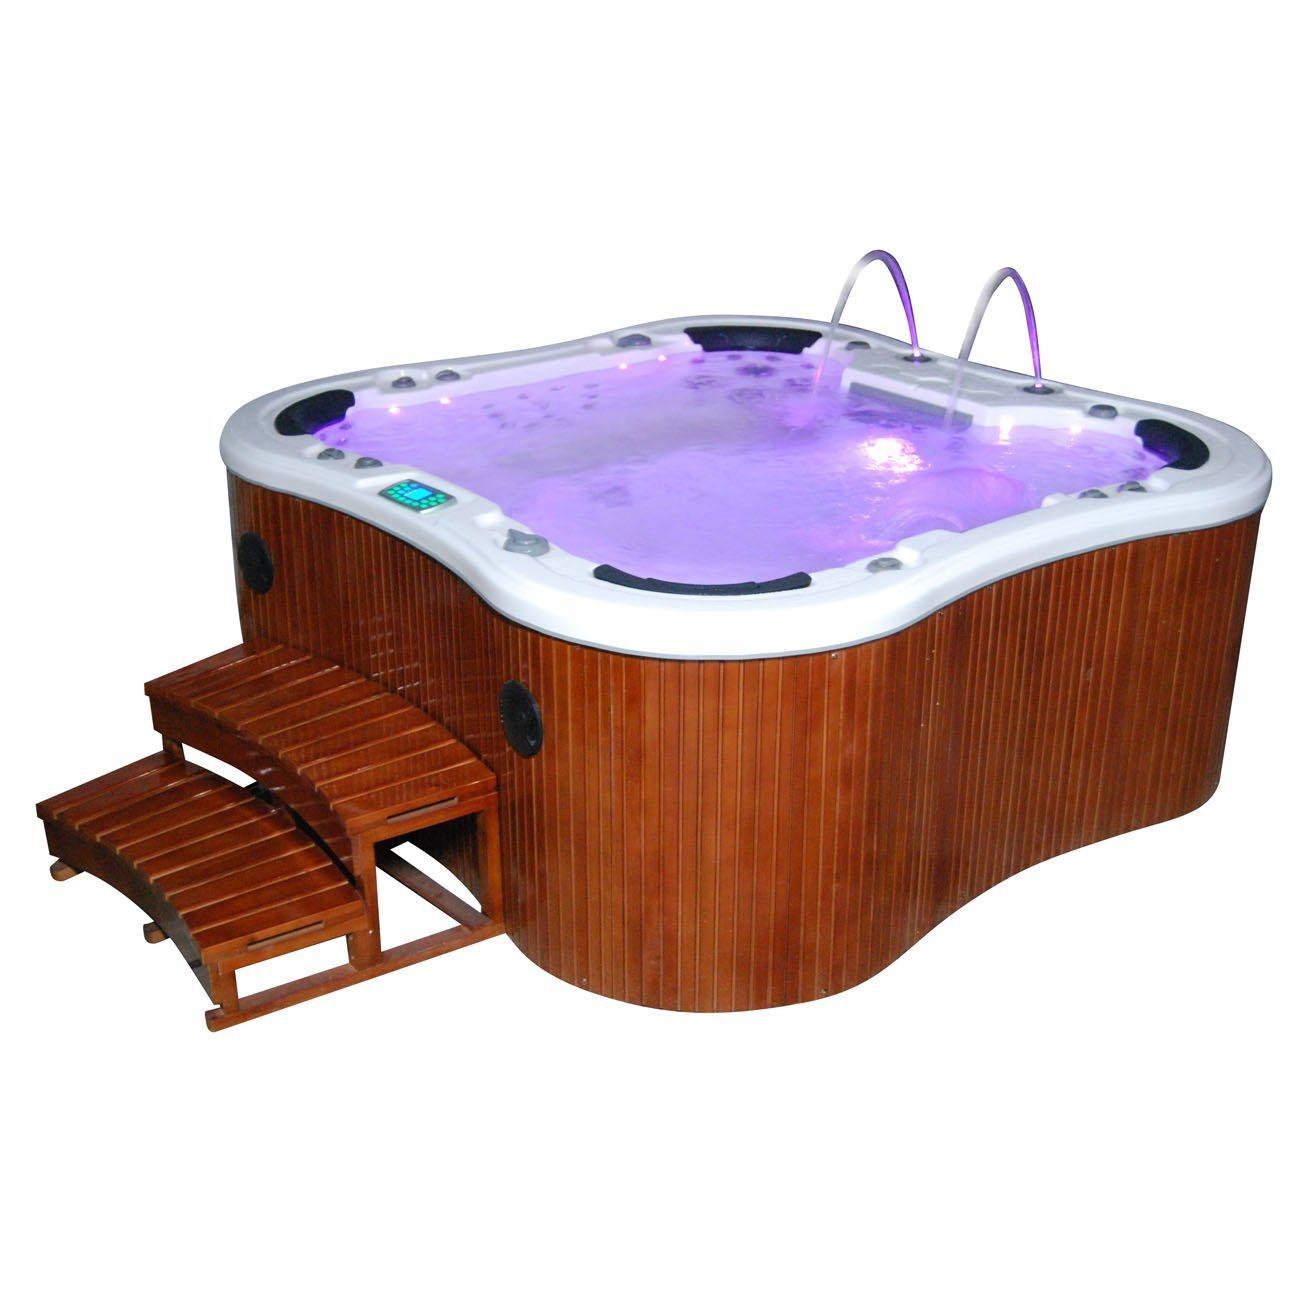 Jacuzzi ligbad kopen ontwerp inspiratie voor uw badkamer meubels thuis - Spa ontwerp ...